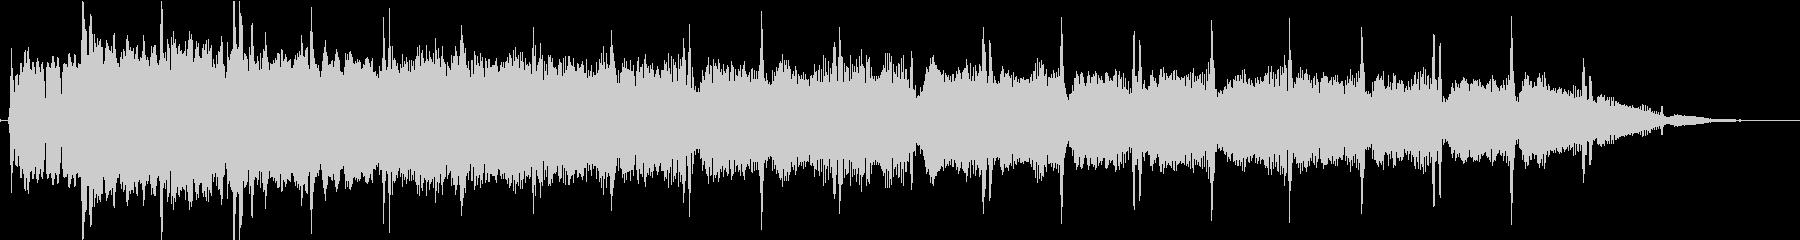 ピューン:異次元へワープする音5の未再生の波形